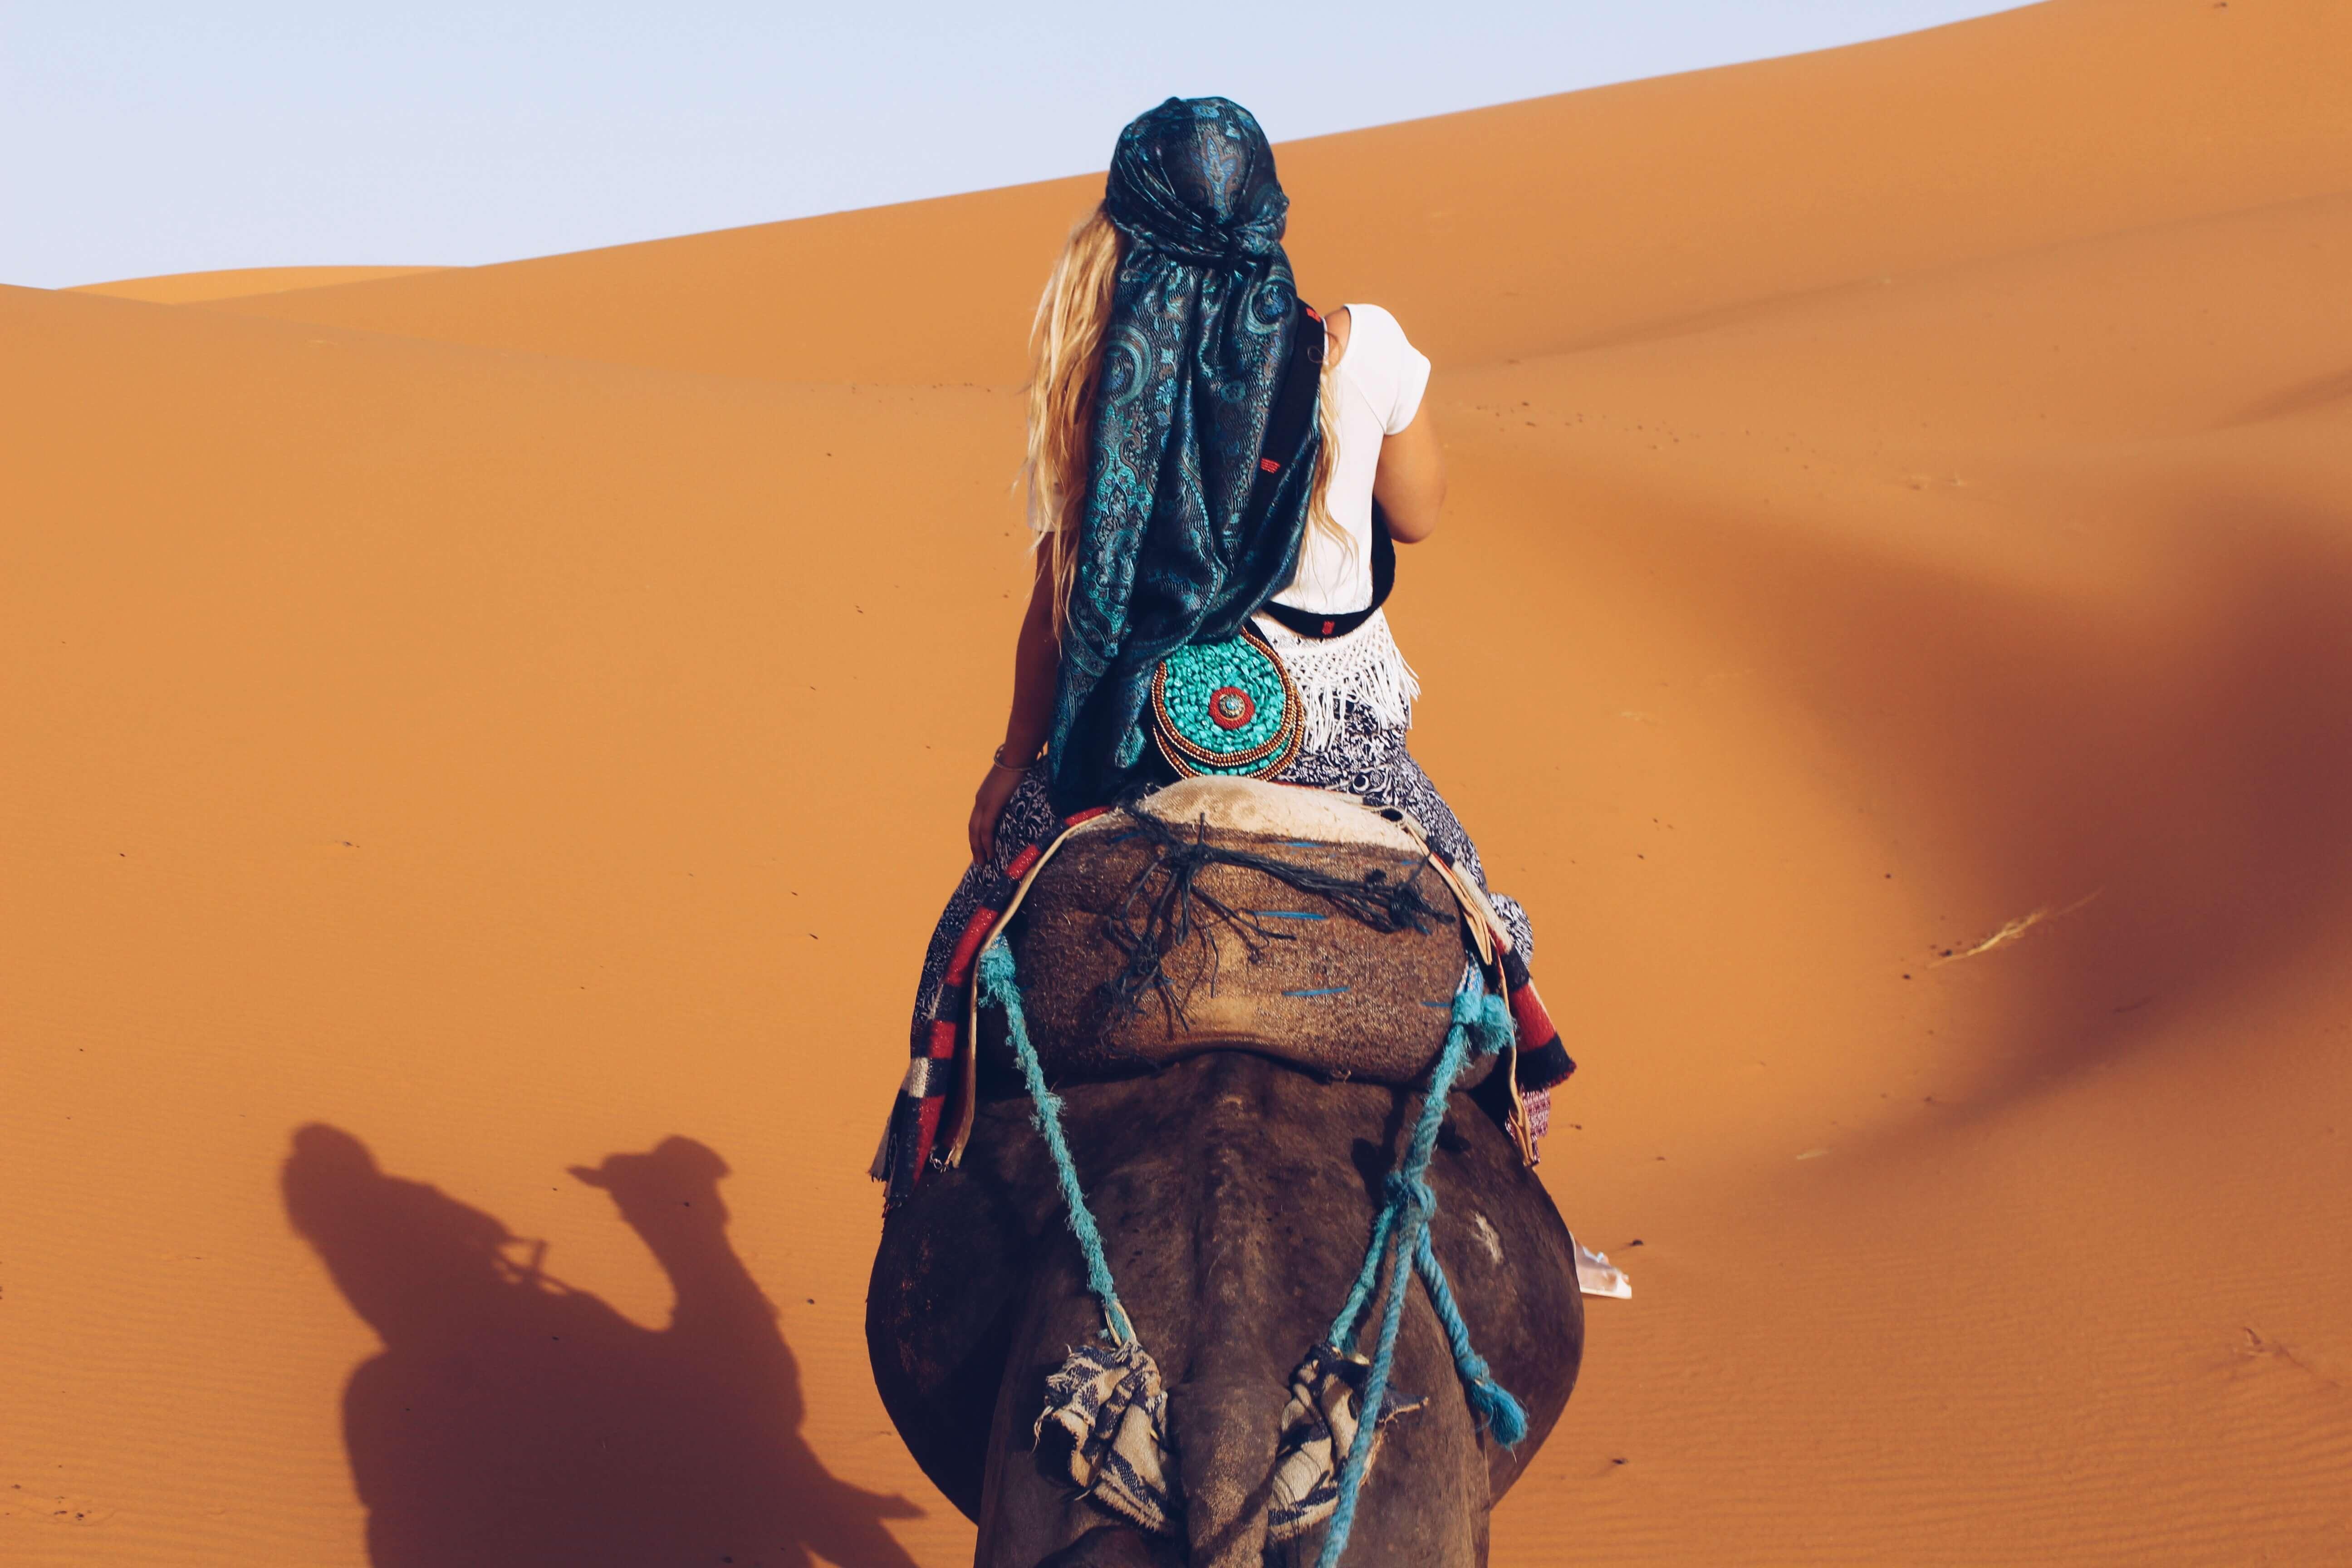 Camel riding in Morocco Sahara desert